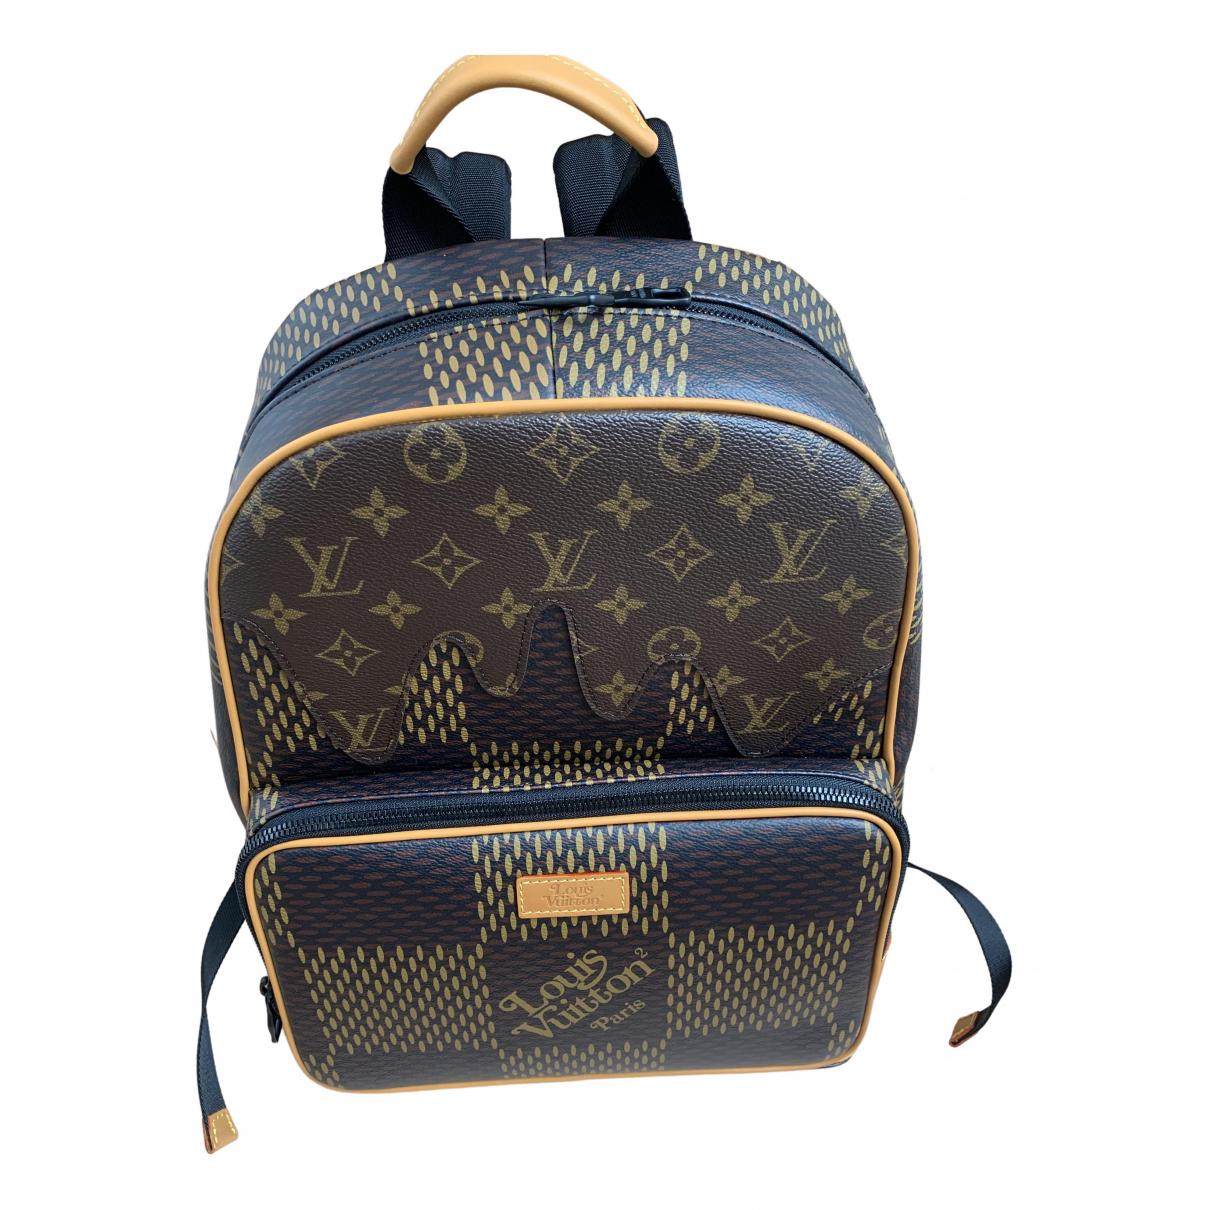 Bolso Louis Vuitton X Nigo